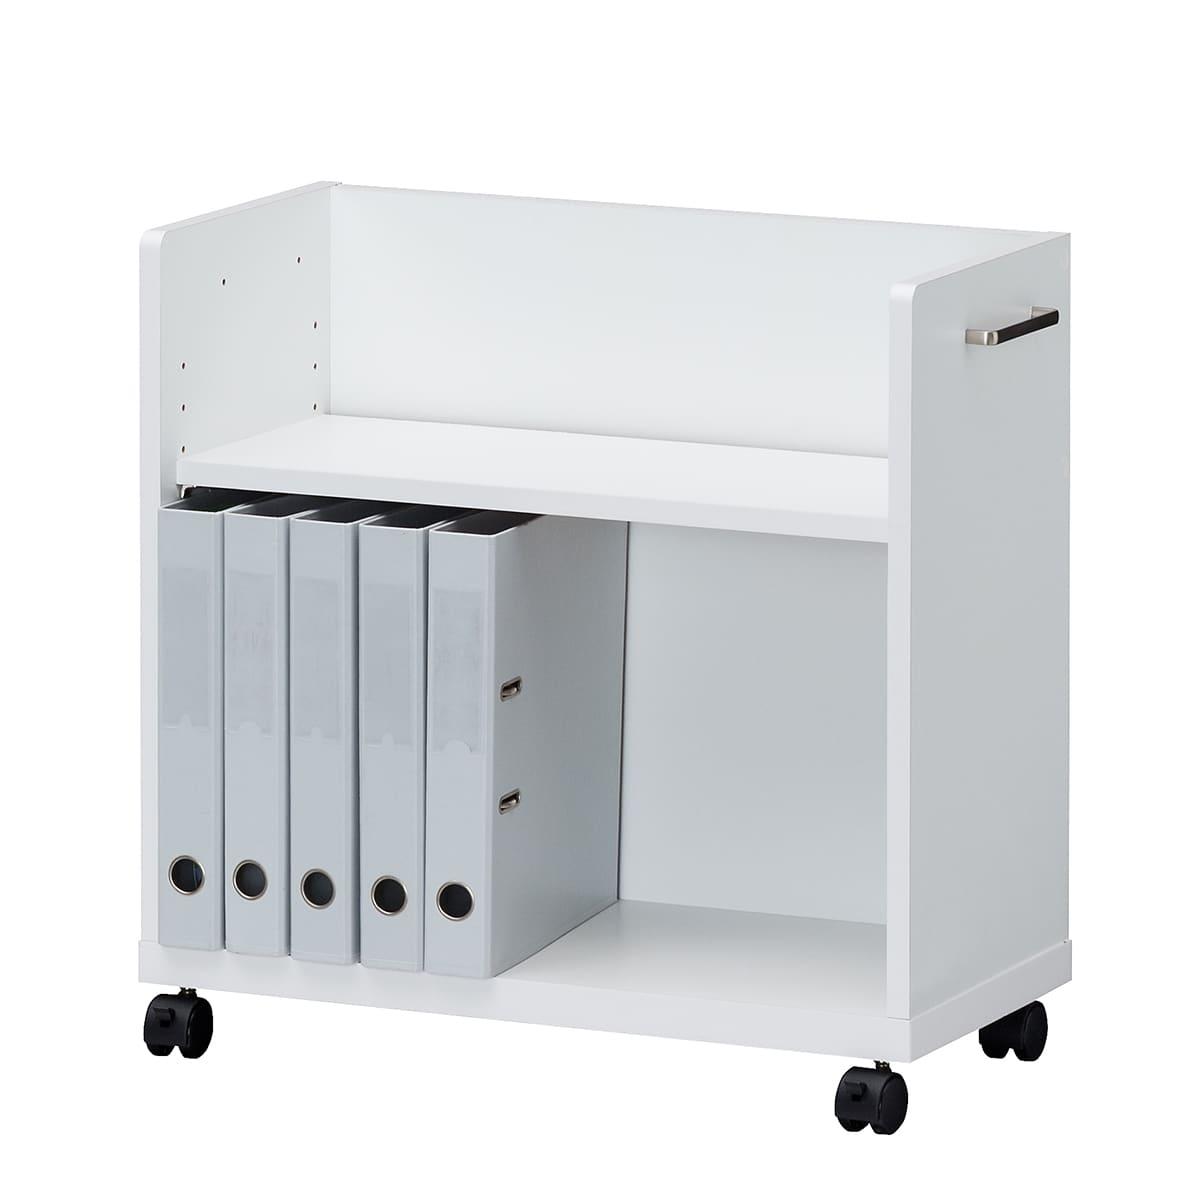 【ネット限定】デスクワゴン オフィスコ2 OF2−6060P:デスク下、デスク周りに便利な収納ワゴン